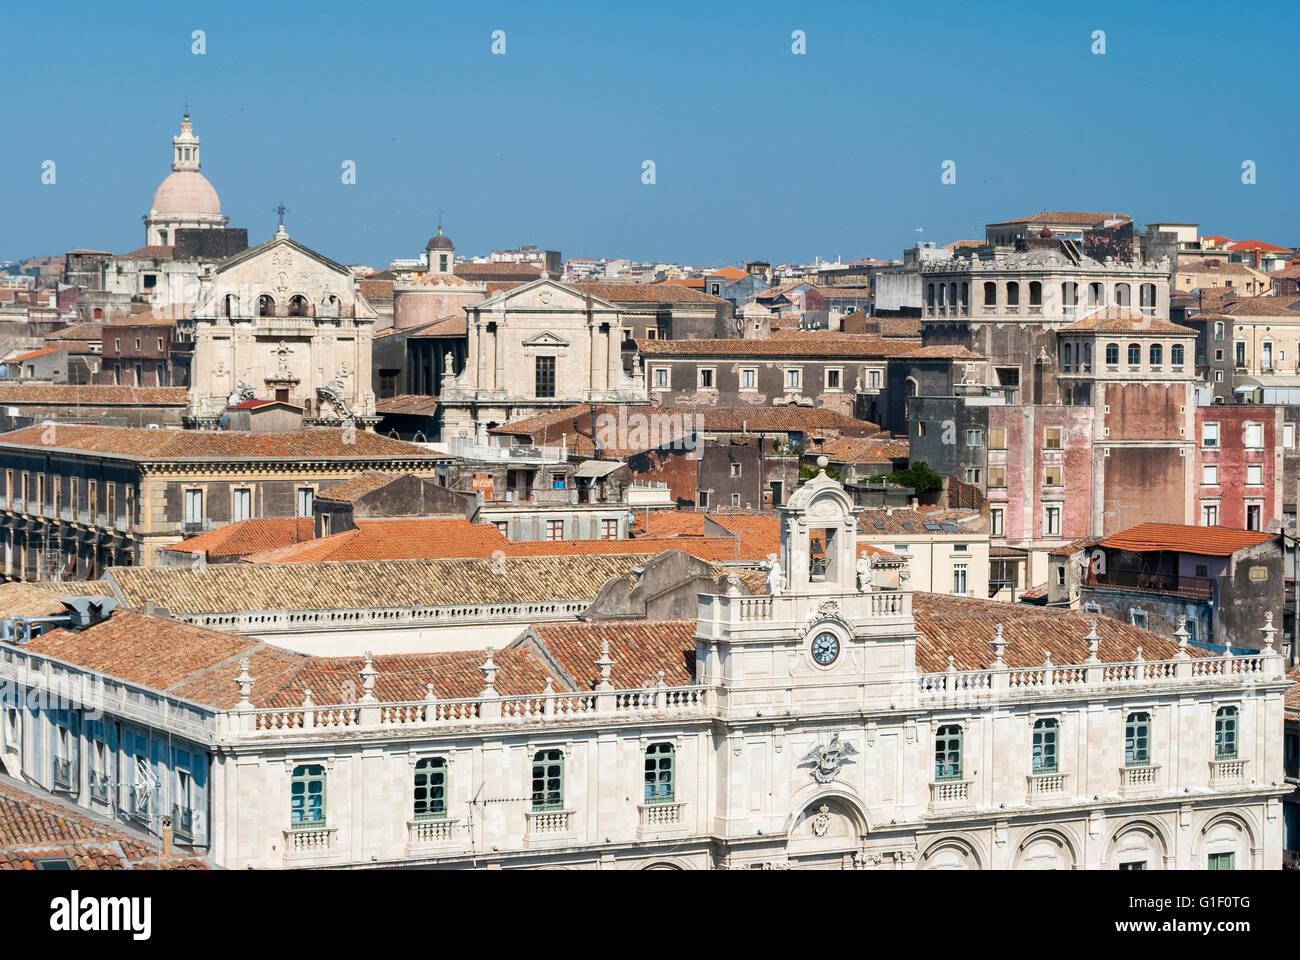 Vista dall'alto del centro storico di Catania Immagini Stock